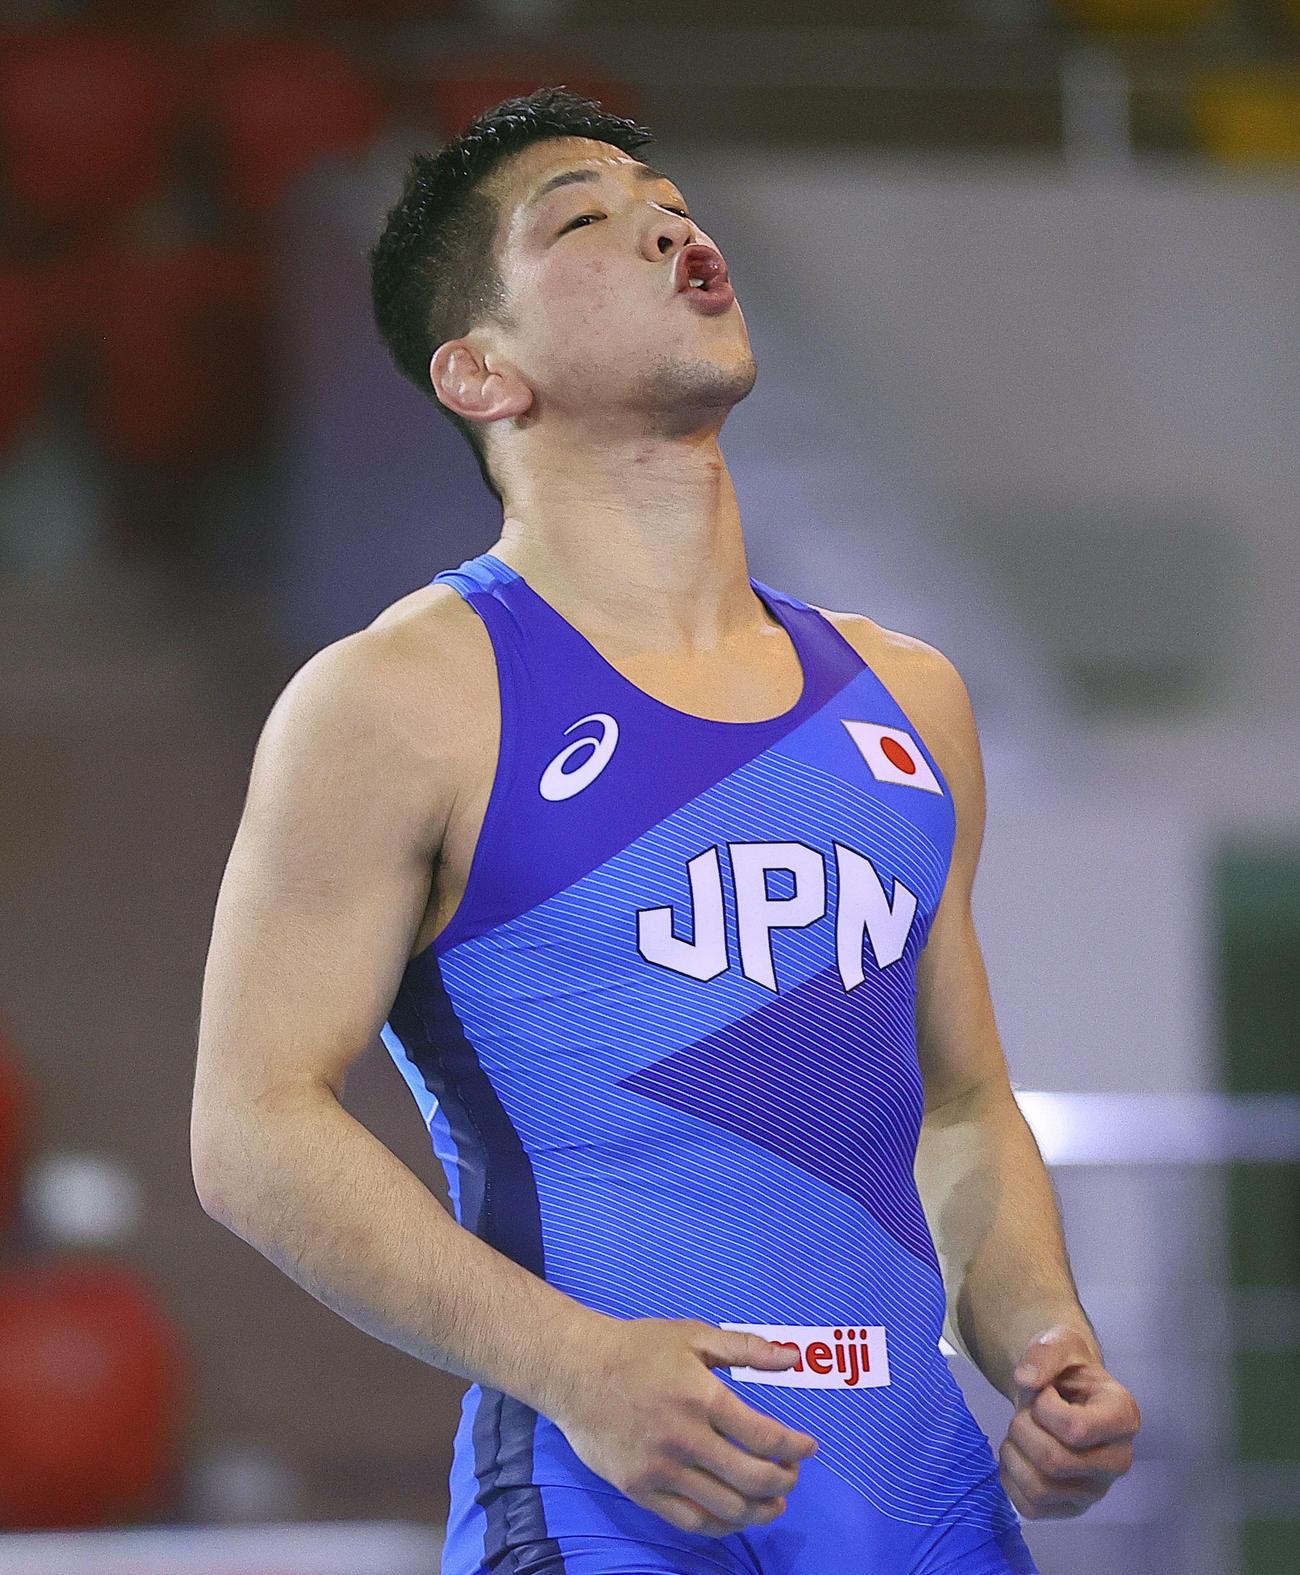 男子グレコローマン77キロ級準決勝で勝利し、五輪代表に決まった屋比久翔平(保高幸子氏撮影・共同)